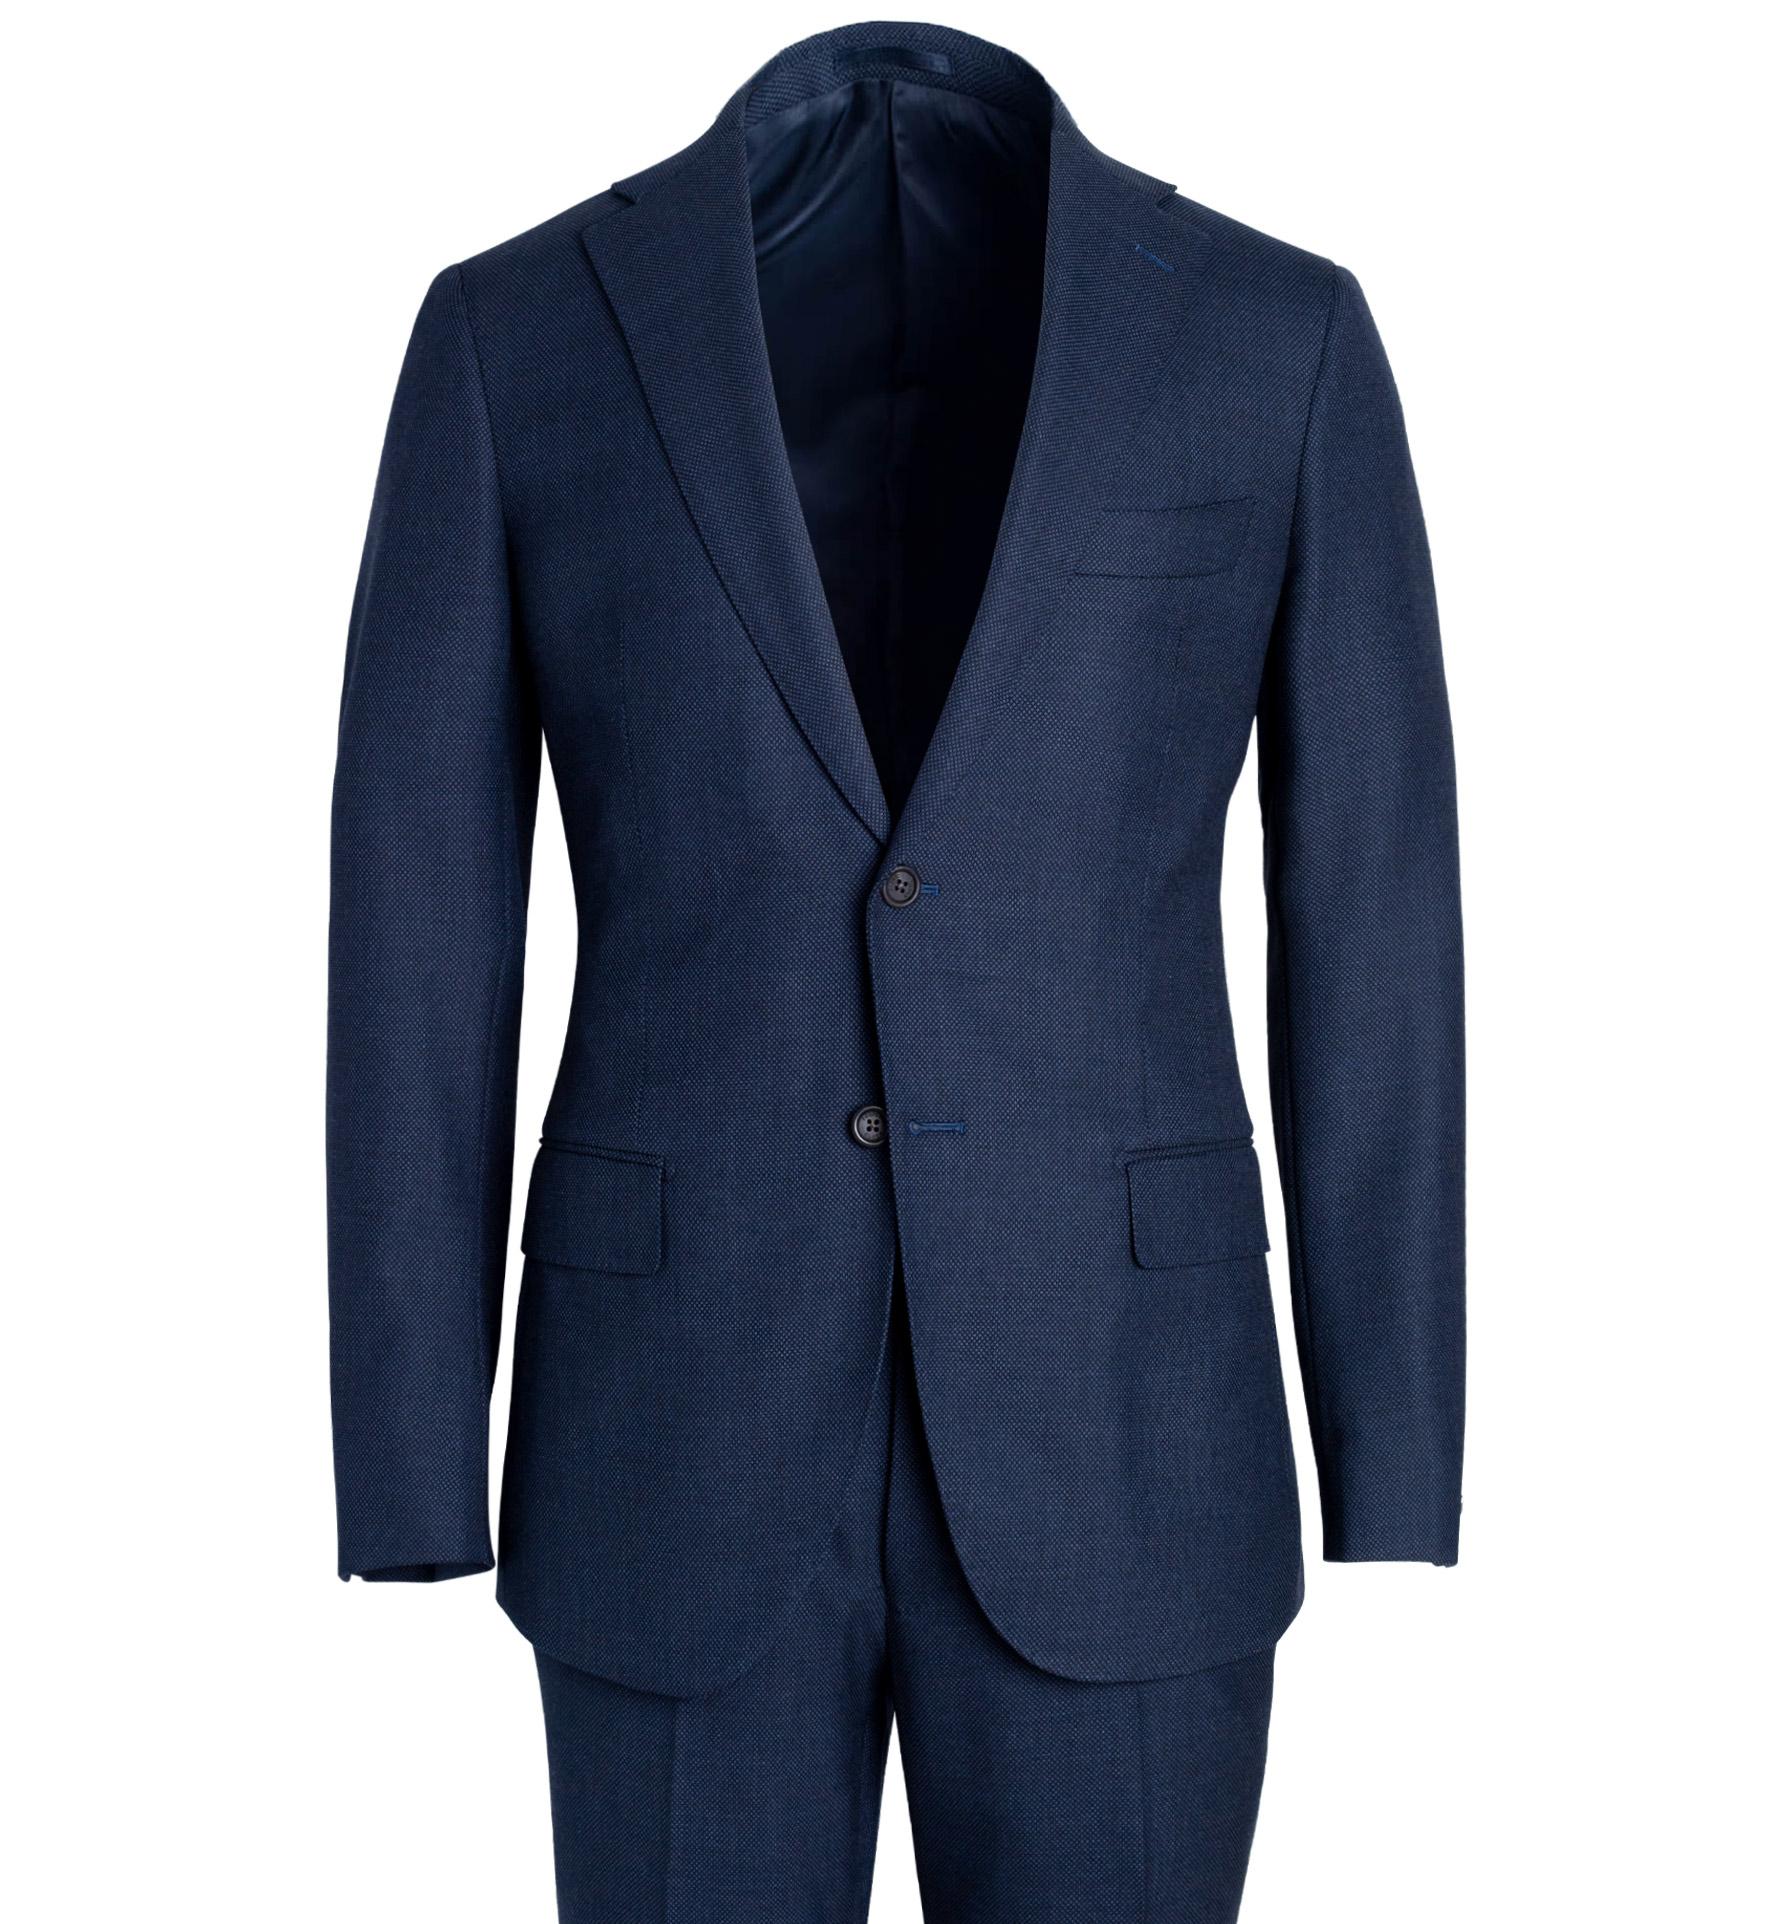 Zoom Image of Allen Slate S130s Birdseye Suit